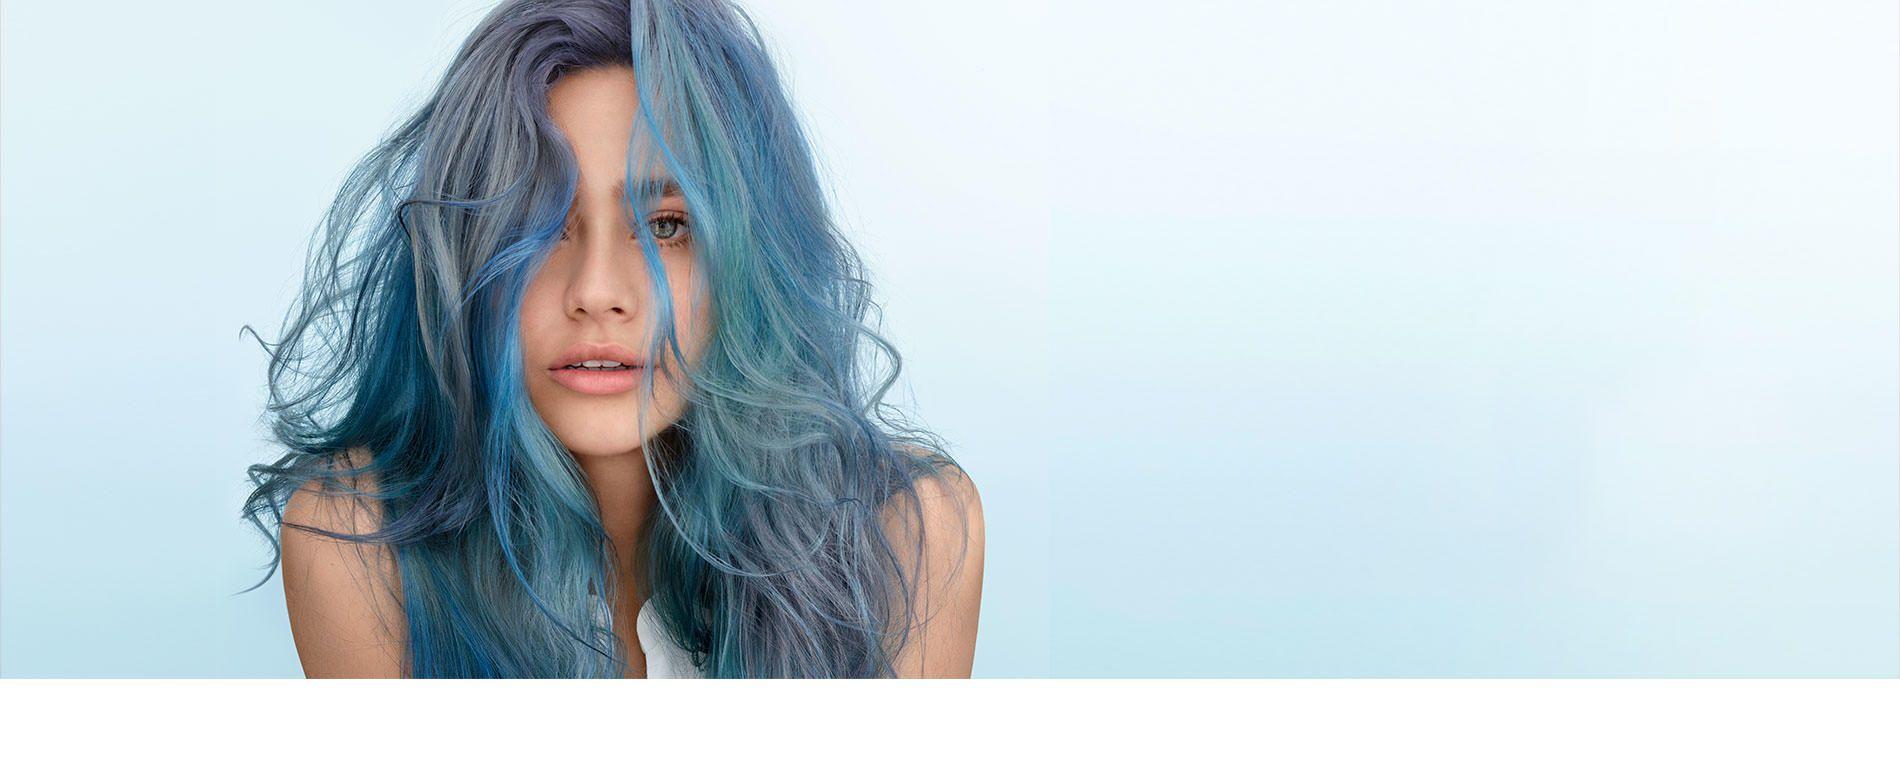 WELLA Окрашивание волос Краска для волос - купить в интернет магазине